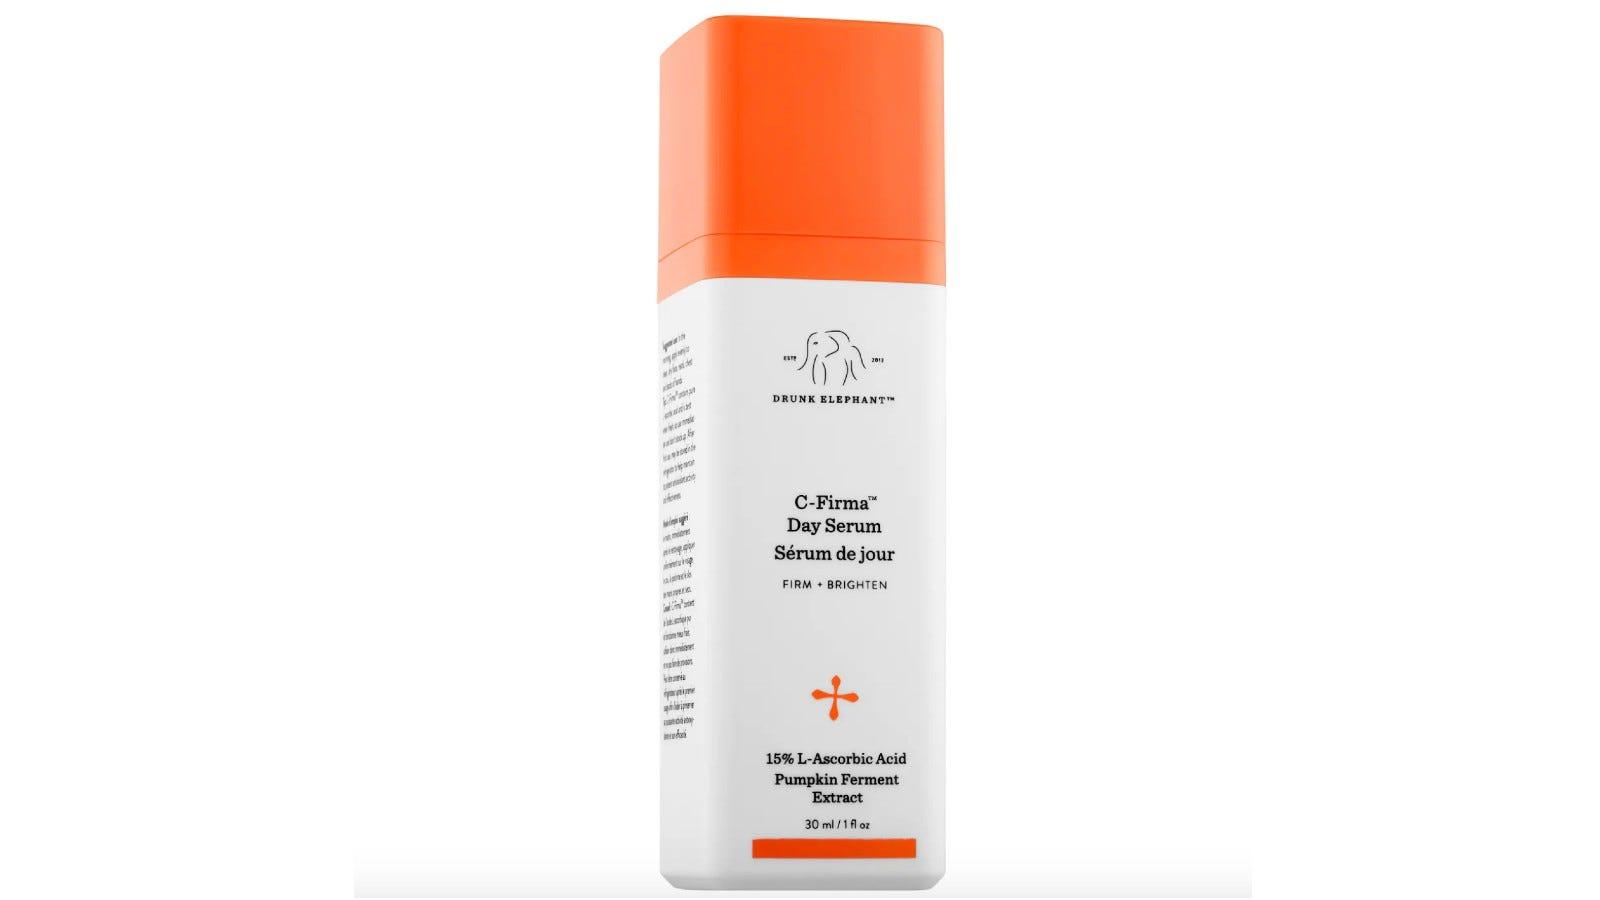 orange and white bottle of Drunk Elephant serum